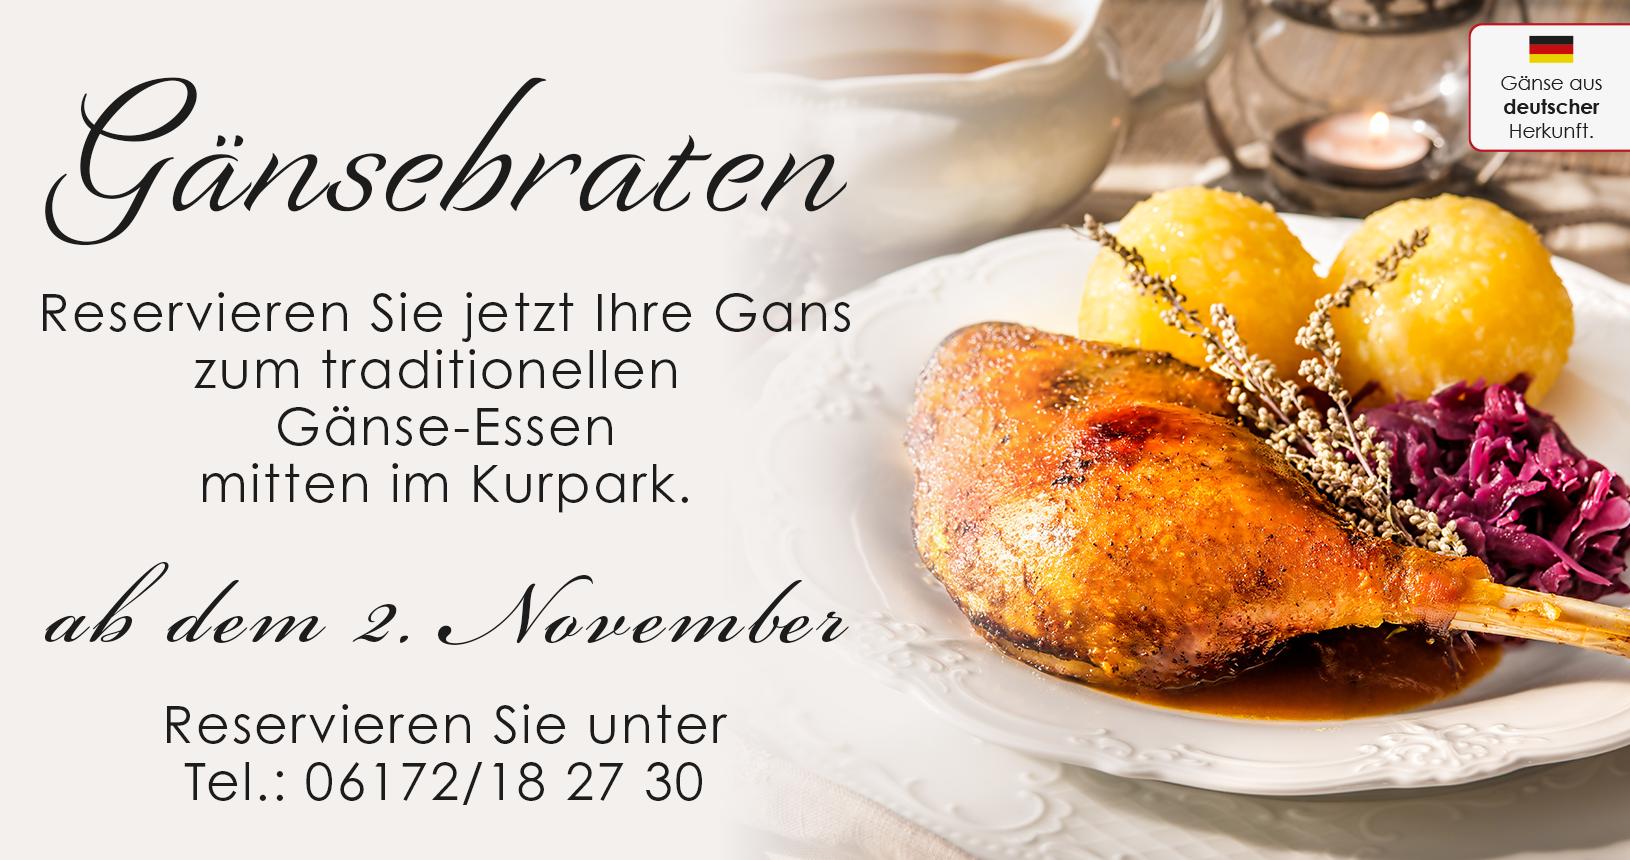 Gänsebraten Reservierung unter Tel.: 06172 / 182730